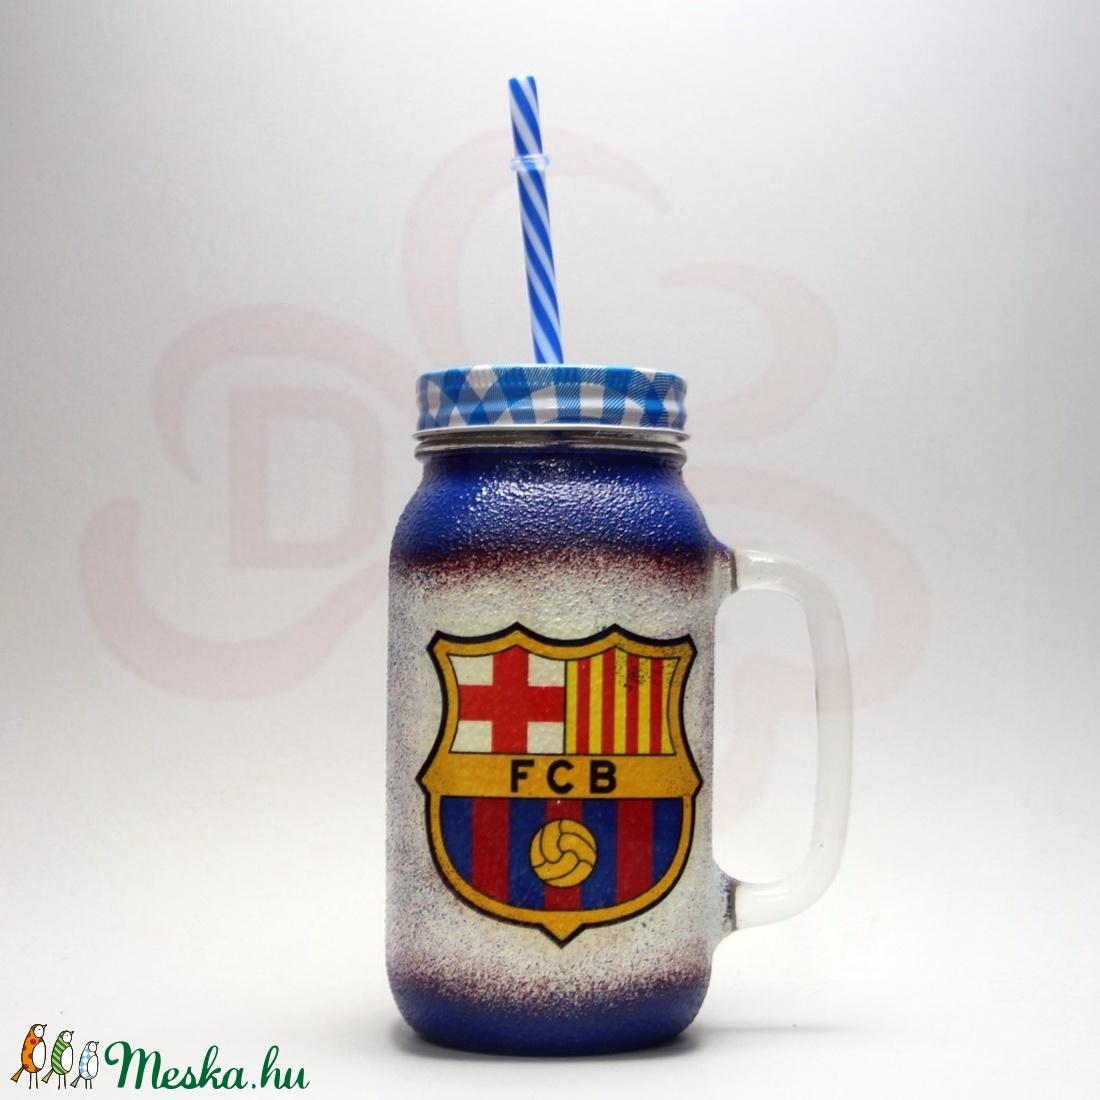 FC Barcelona szívószálas bögre ; Barcelona foci szurkoló fiúknak, gyerekeknek - Meska.hu